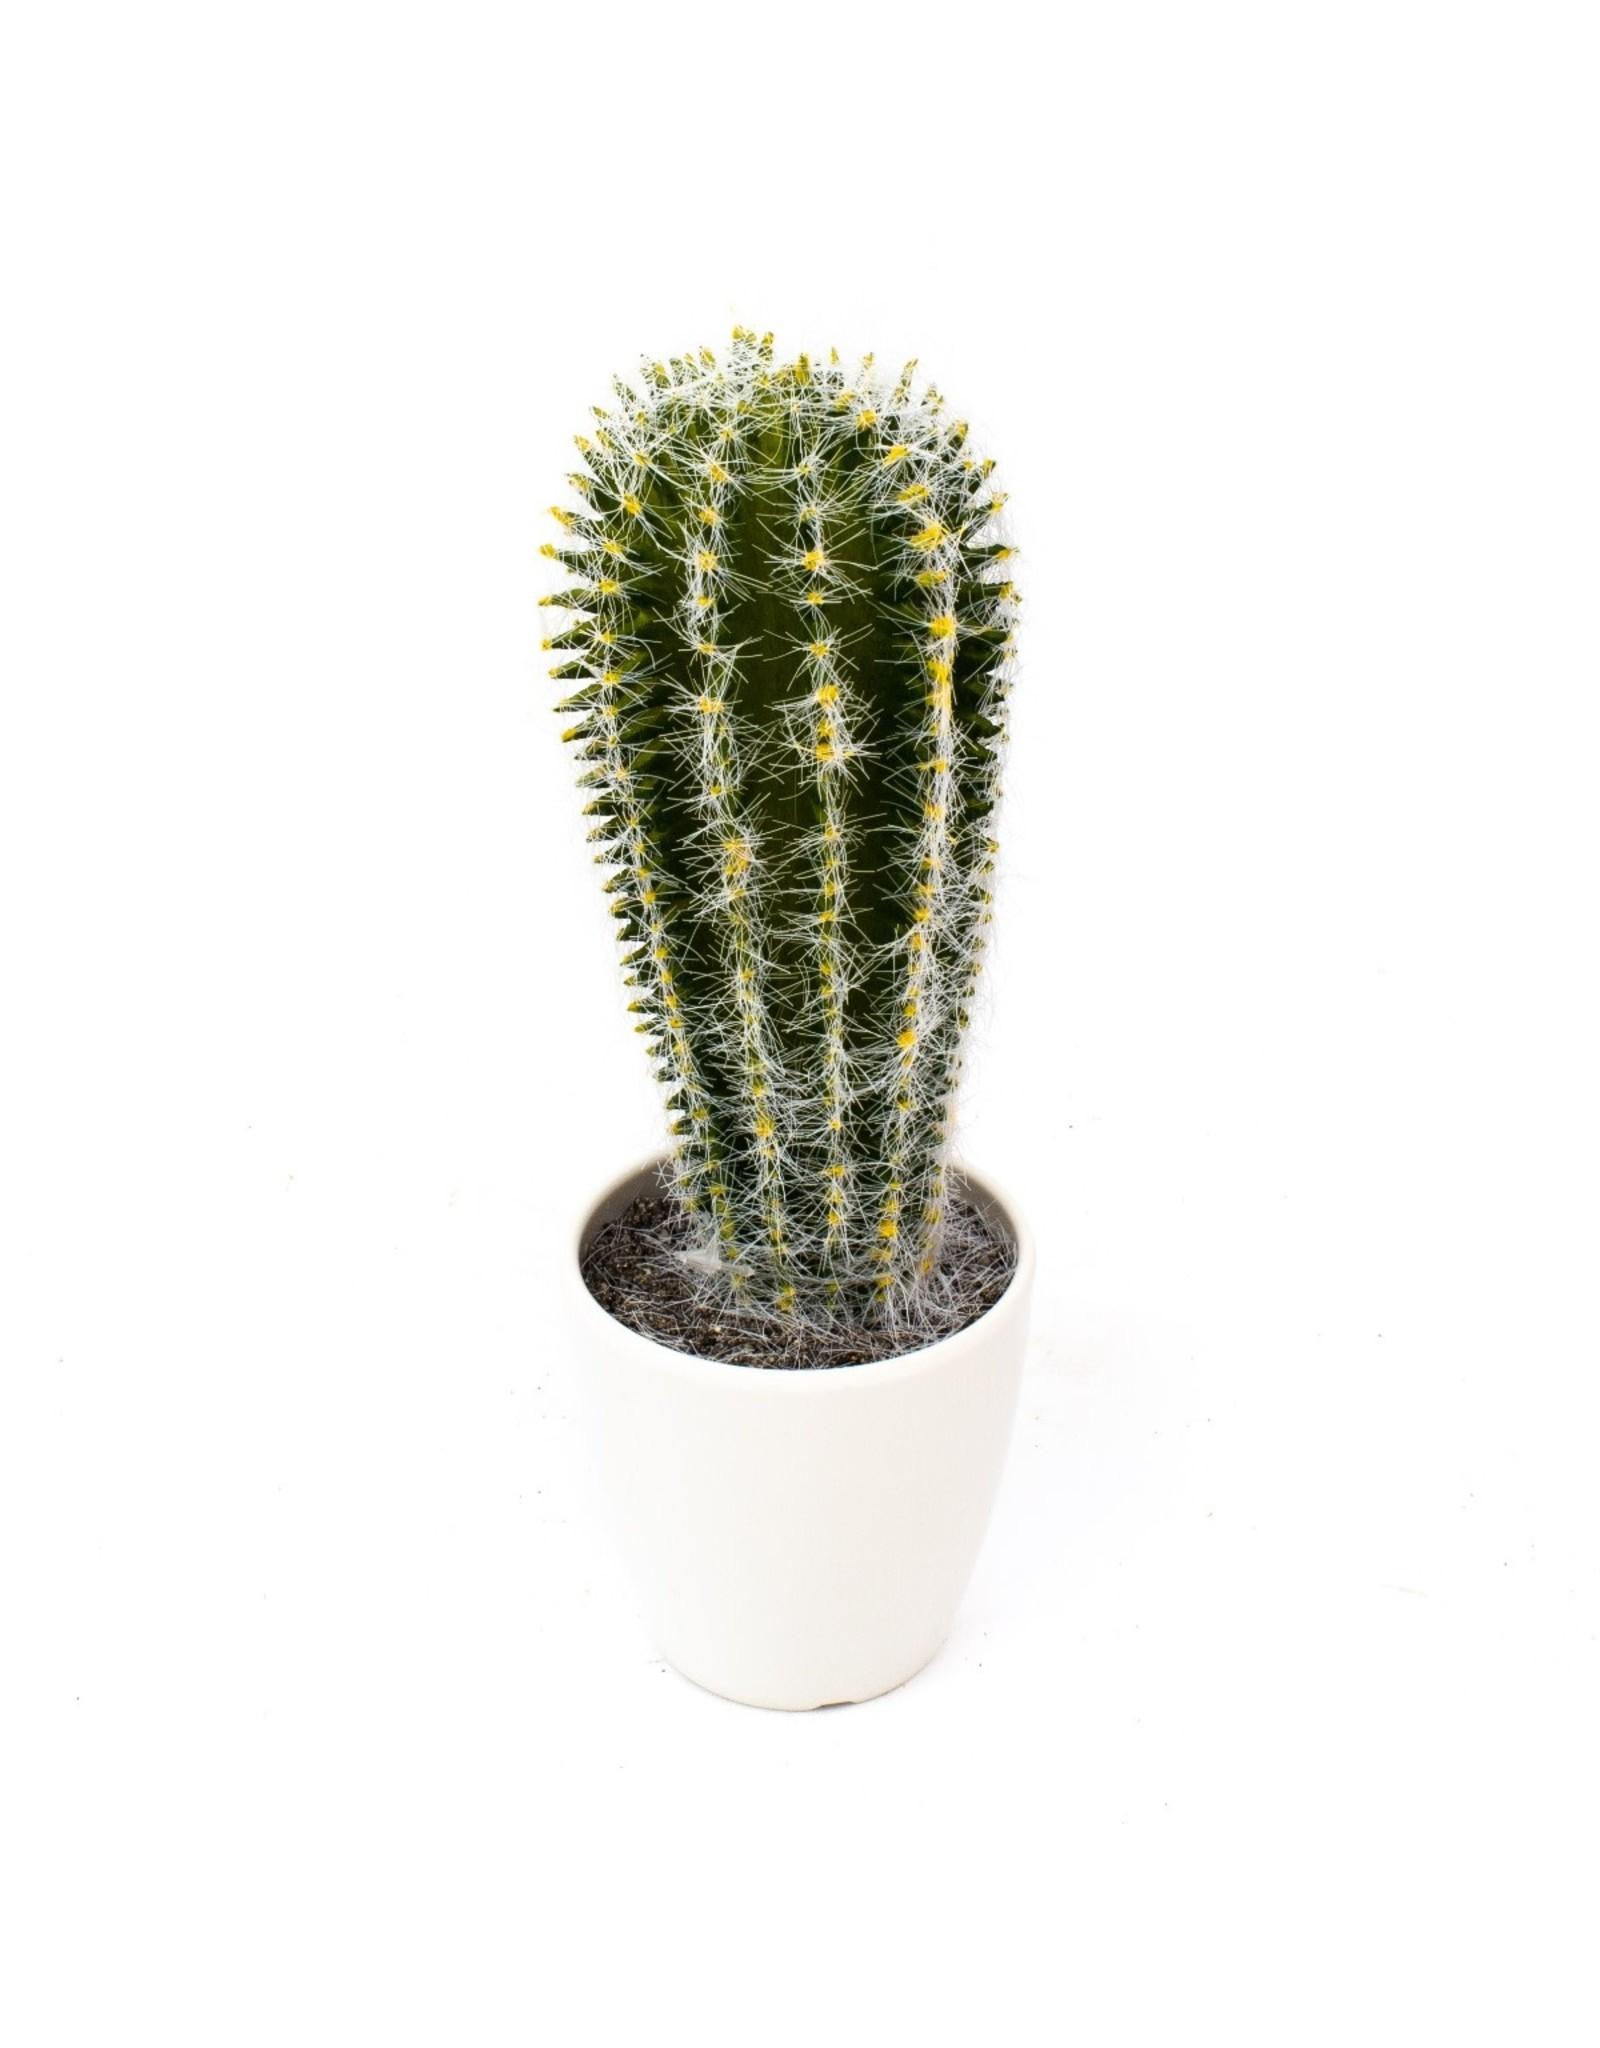 Edelman - Cactus in Pot Green Assorted - 2 Assorted